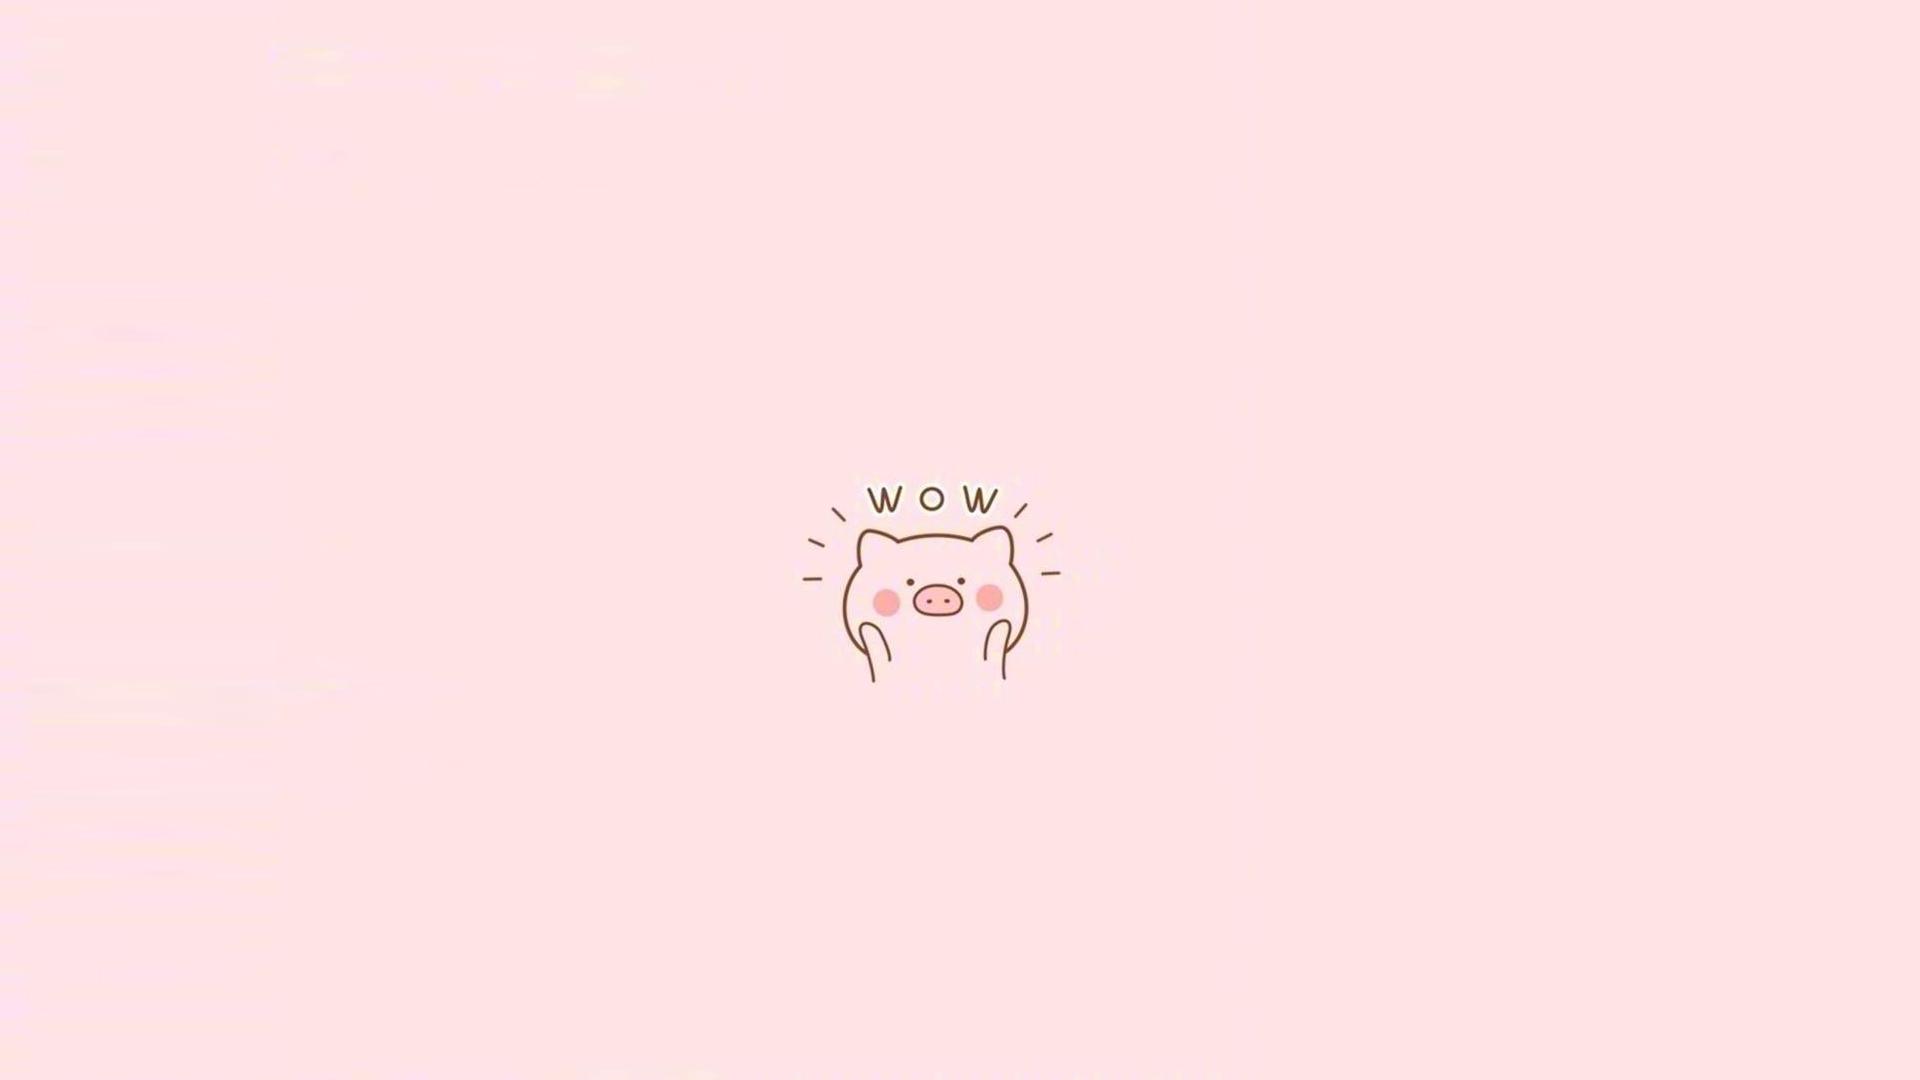 粉色系可爱卡通小猪图片壁纸,分辨率:1920x1200